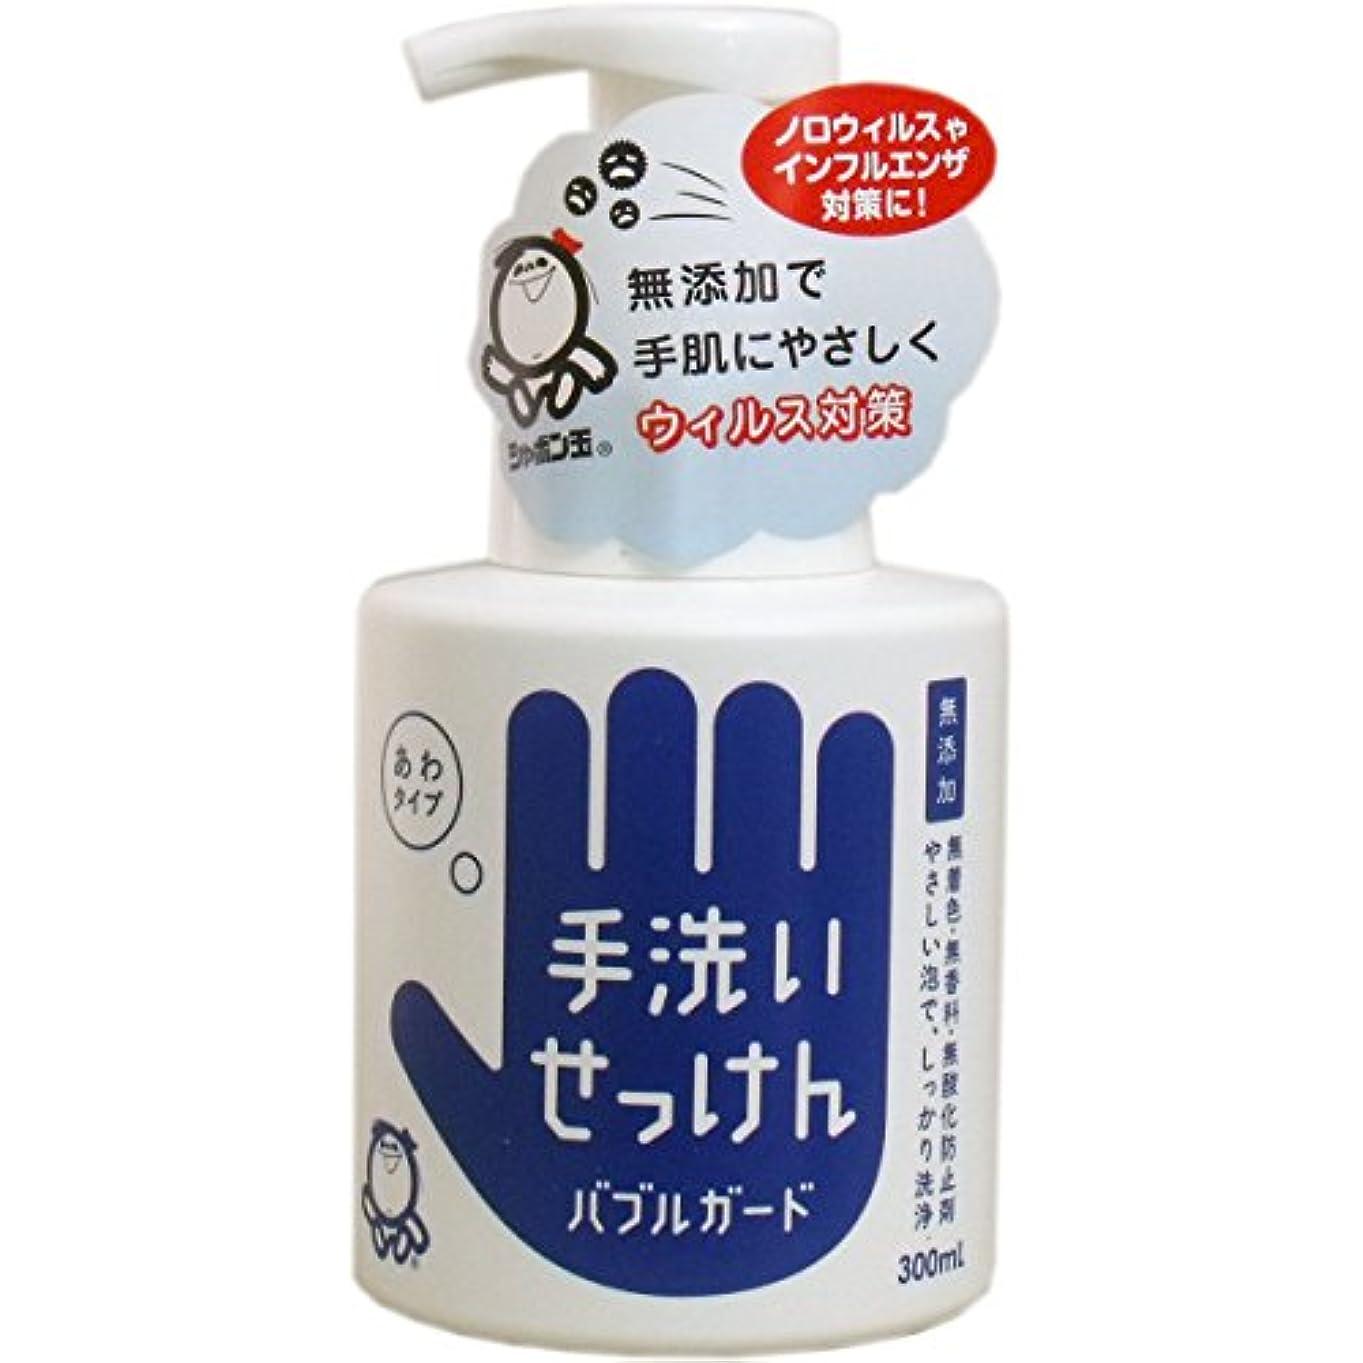 汚染コウモリホットシャボン玉石けん 手洗いせっけん バブルガード 本体 300ml 1本